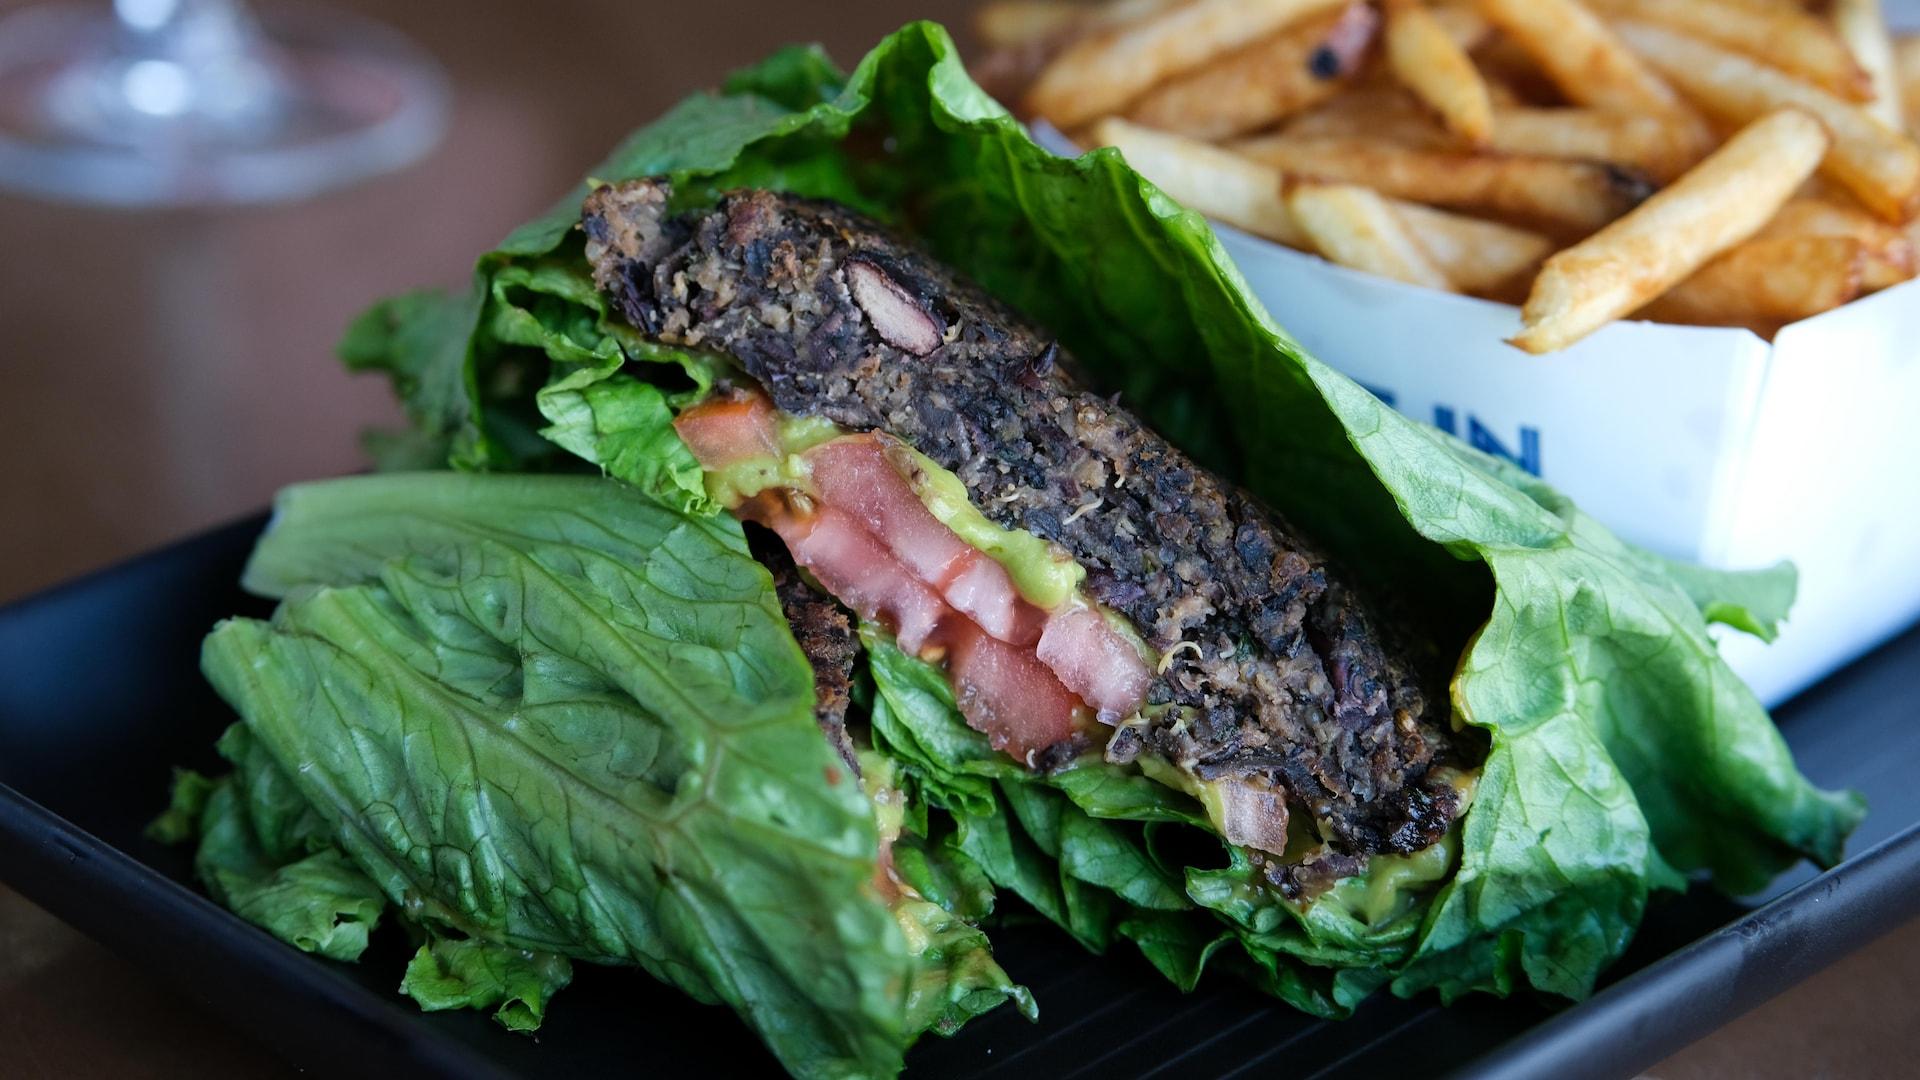 Le burger végétalien est présenté entre deux feuilles de laitues et garni de tomates et d'une purée d'avocat.